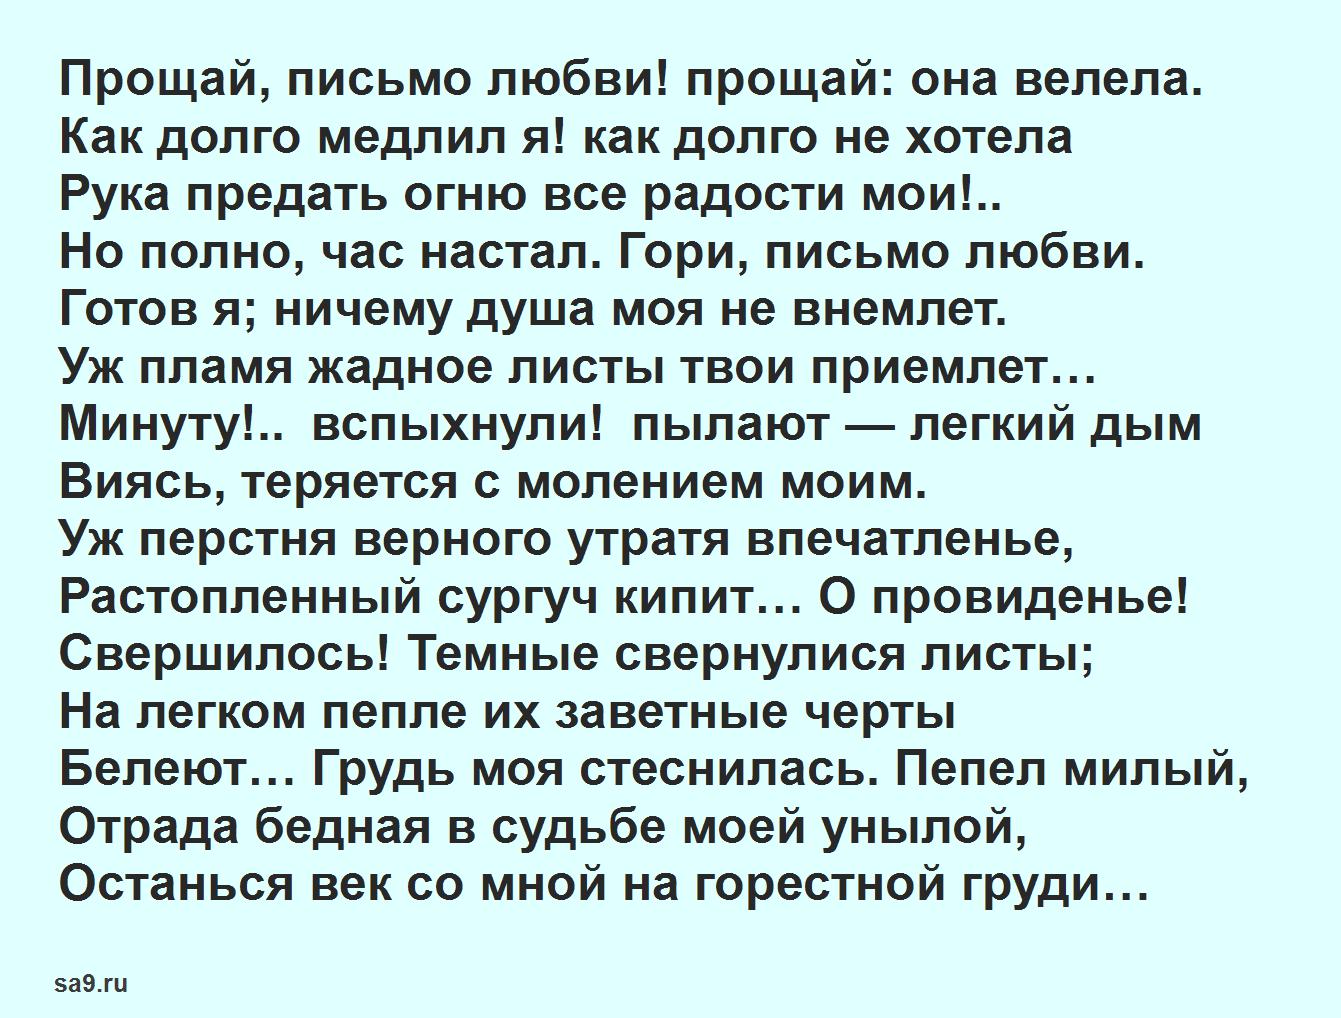 Стихи о любви русских поэтов, Пушкин